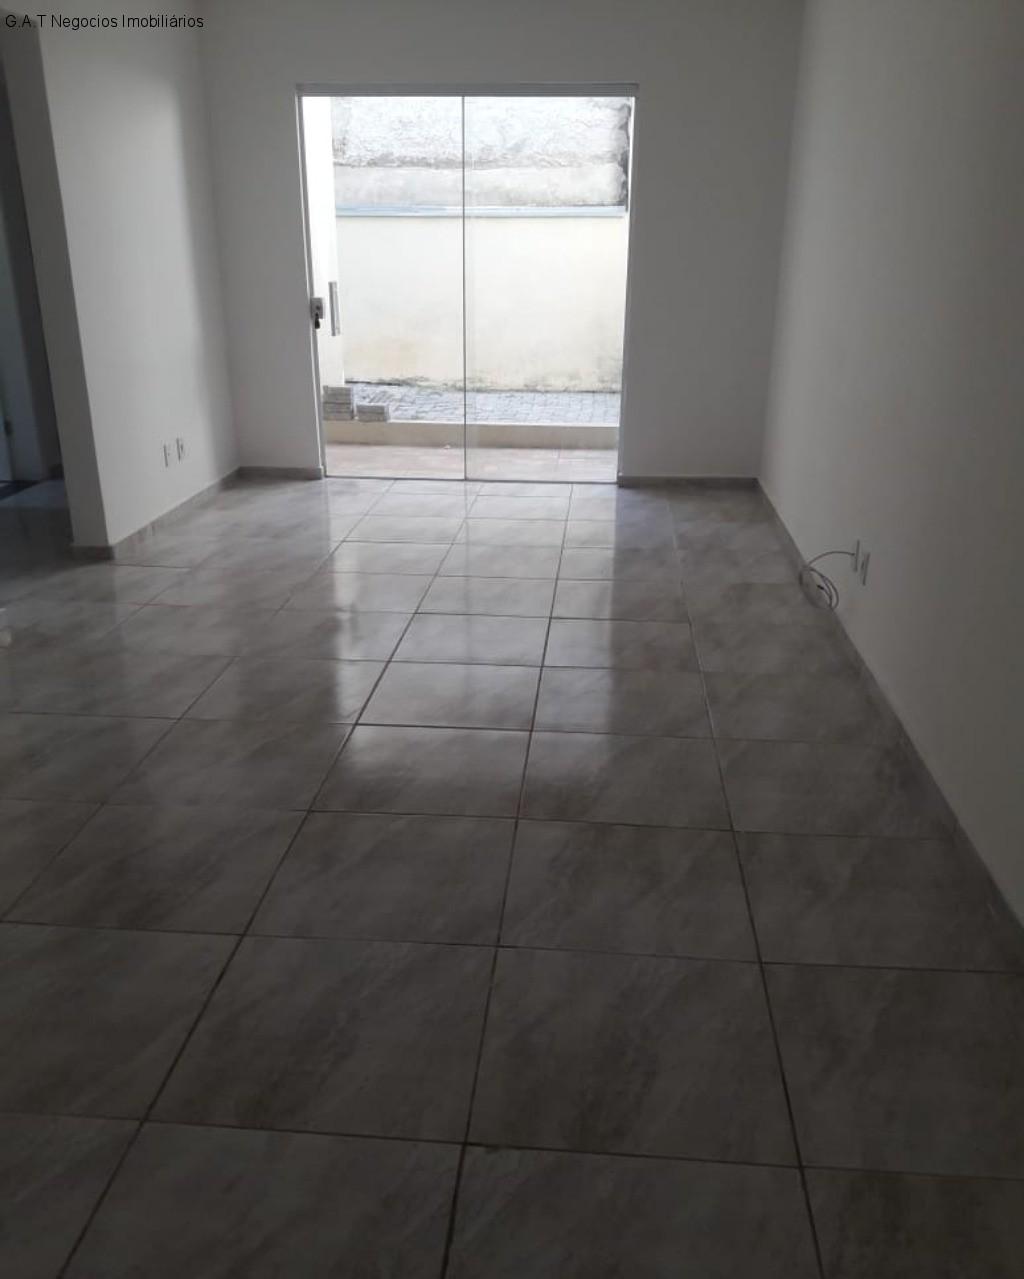 Apartamento com 1 Quarto,Parque Santa Márcia, Votorantim